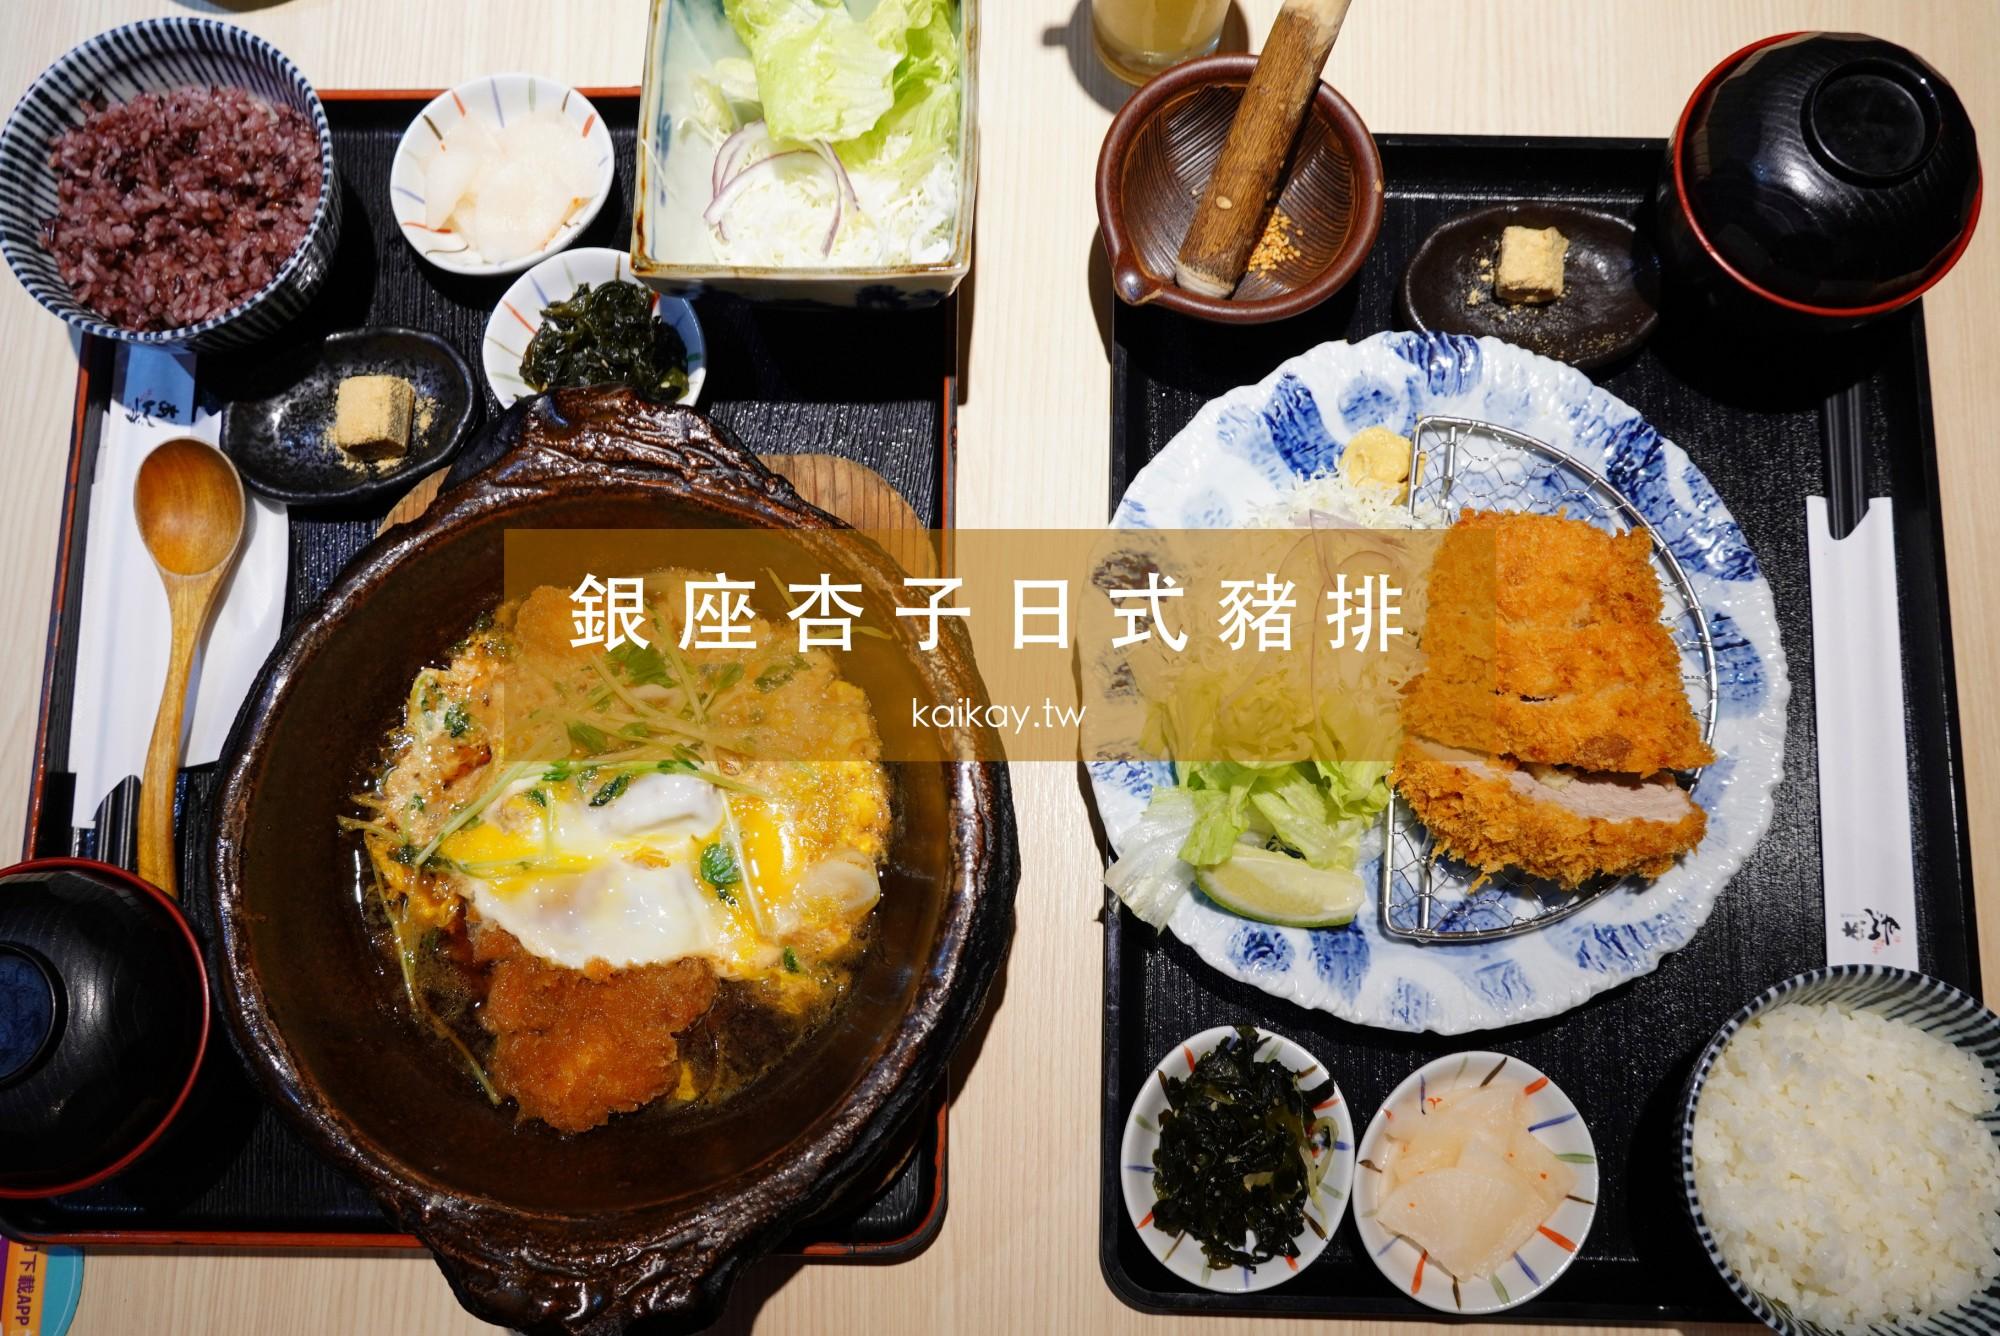 ☆【台北 / 京站】銀座杏子日式豬排。懷念日本味時的第一選擇 @凱的日本食尚日記